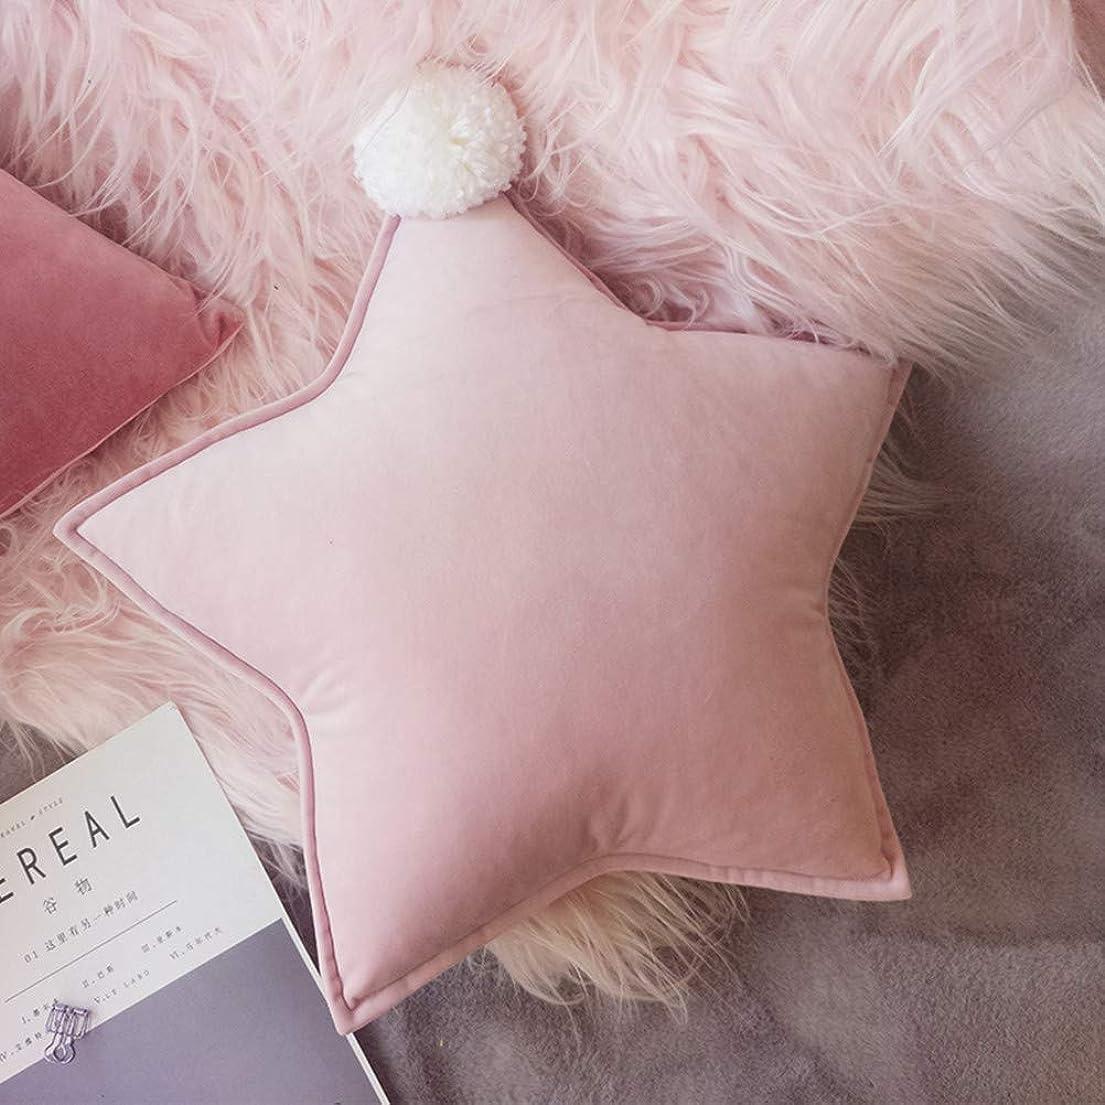 神の物理ムス桜の雪 かわいい ポンポン付き 五角星 抱き枕 とりはなす可能 寝枕 添い寝 ふわふわ クッション インテリア飾り 誕生日 プレゼント (ピンク)